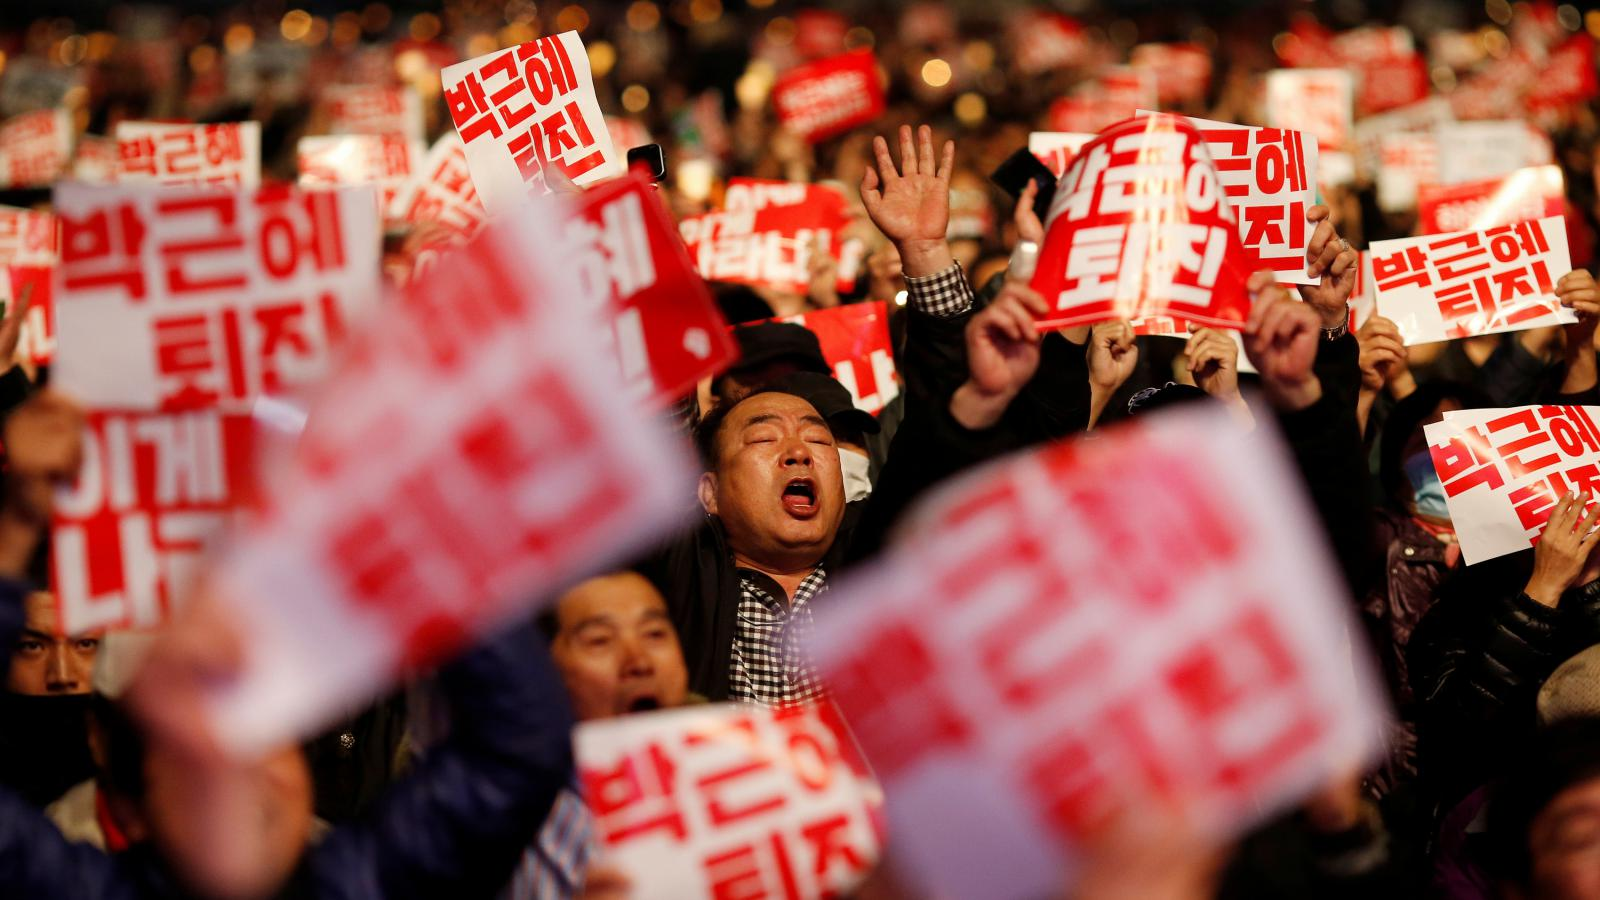 Jihokorejci vyzývají prezidentku k rezignaci